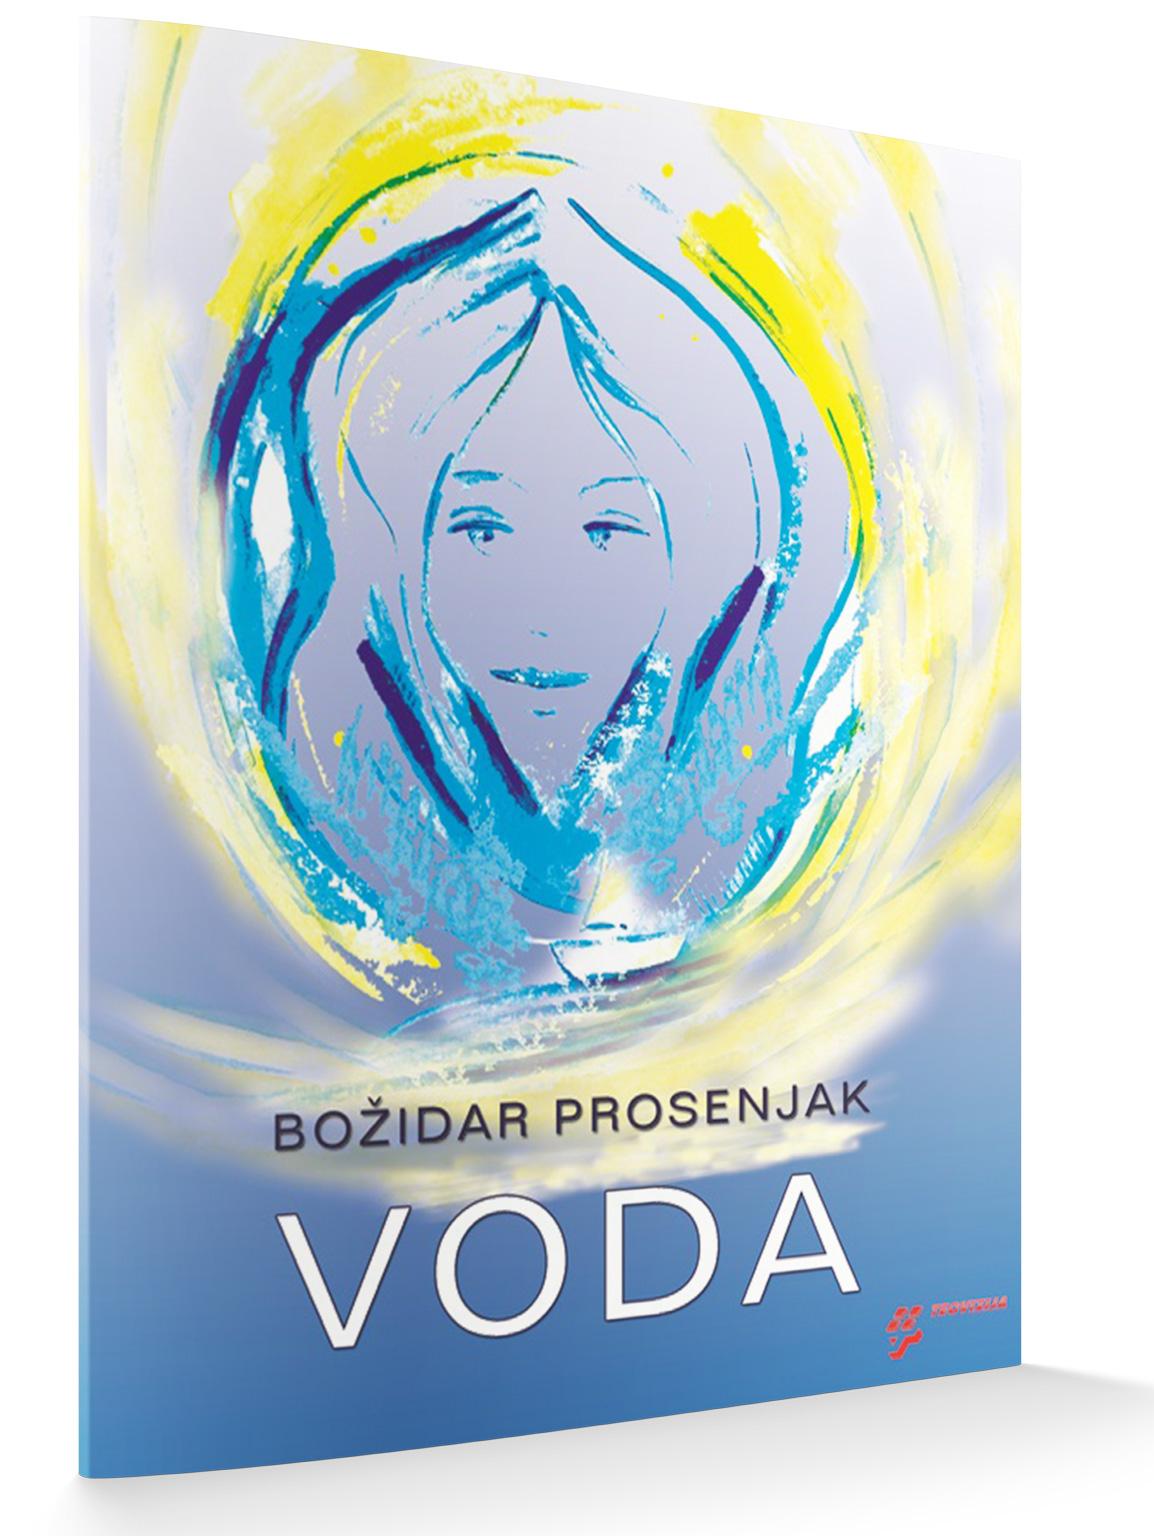 VODA - Božidar Prosenjak